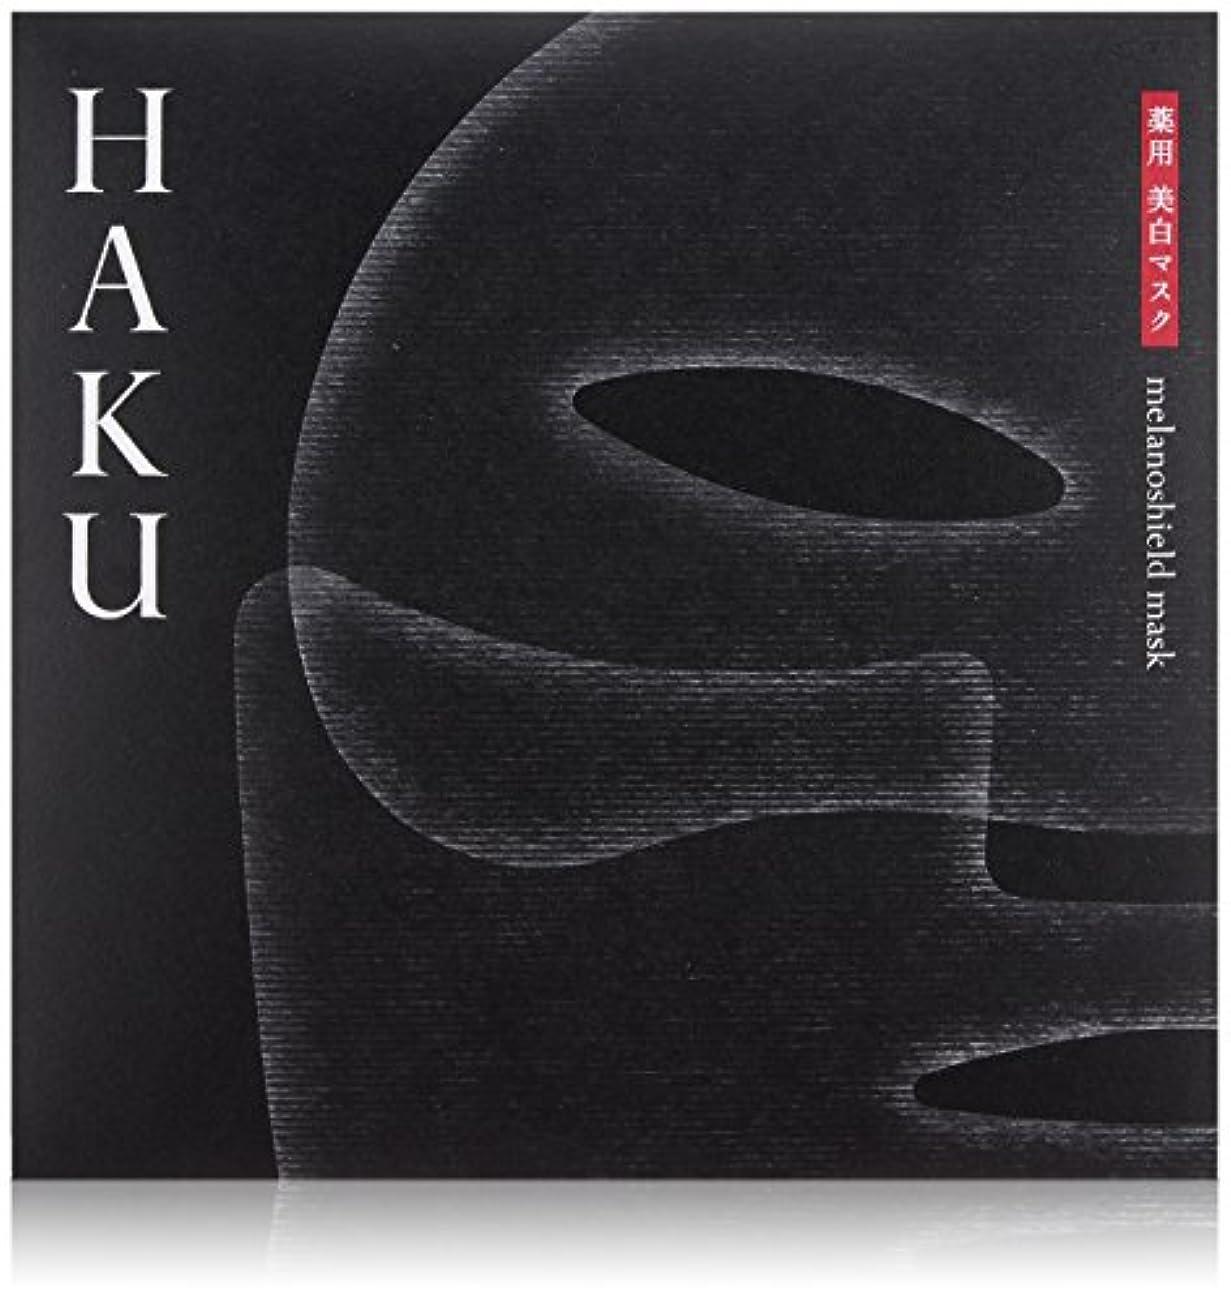 ハイキングスラックいろいろHAKU メラノシールド マスク 30mL 1袋 (上用?下用各1枚入) 薬用美白マスク 【医薬部外品】